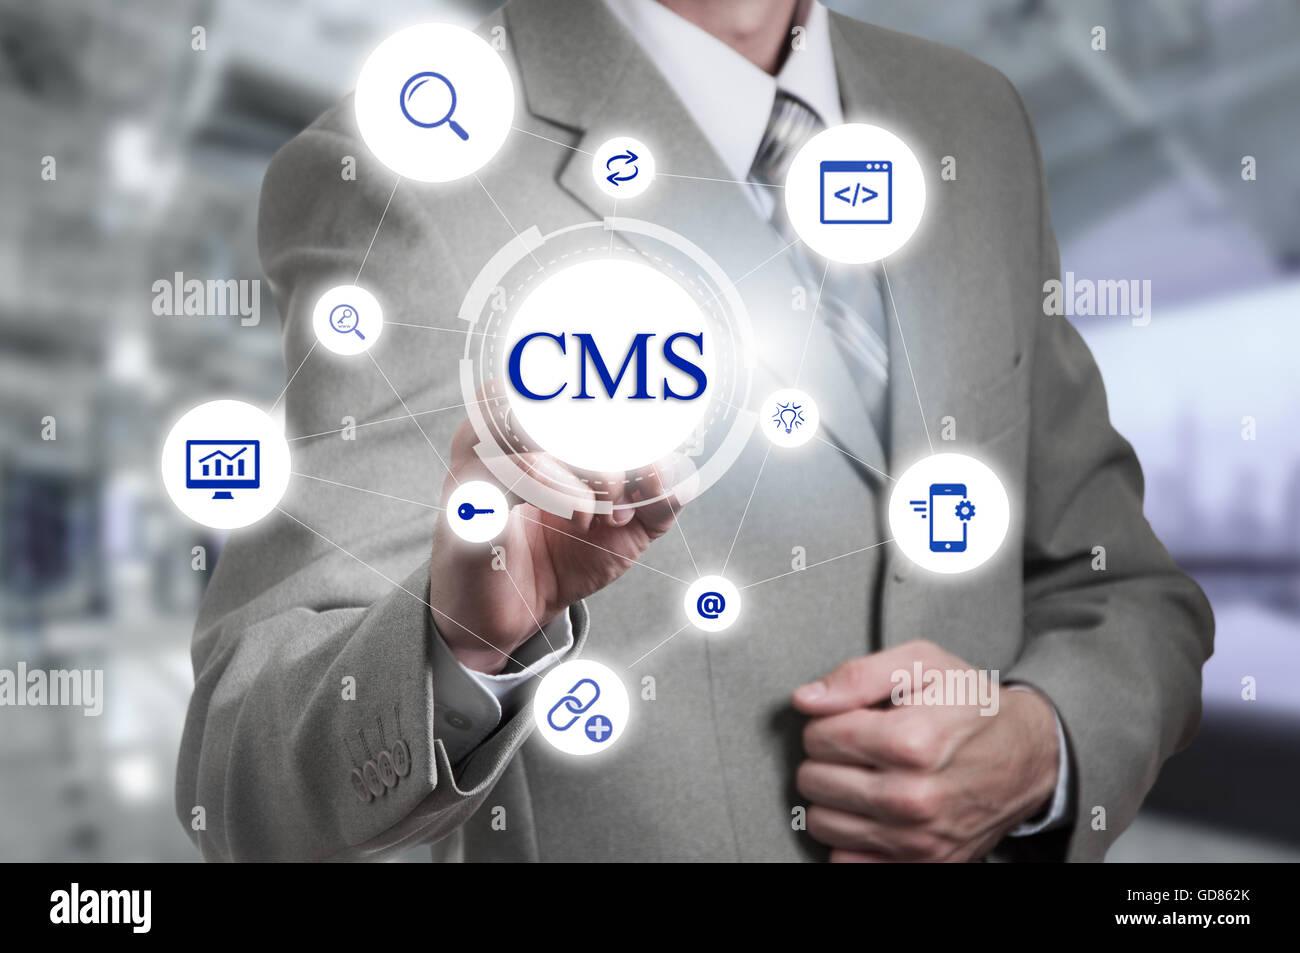 Il concetto di cms sistema di gestione dei contenuti Gestione sito internet Immagini Stock